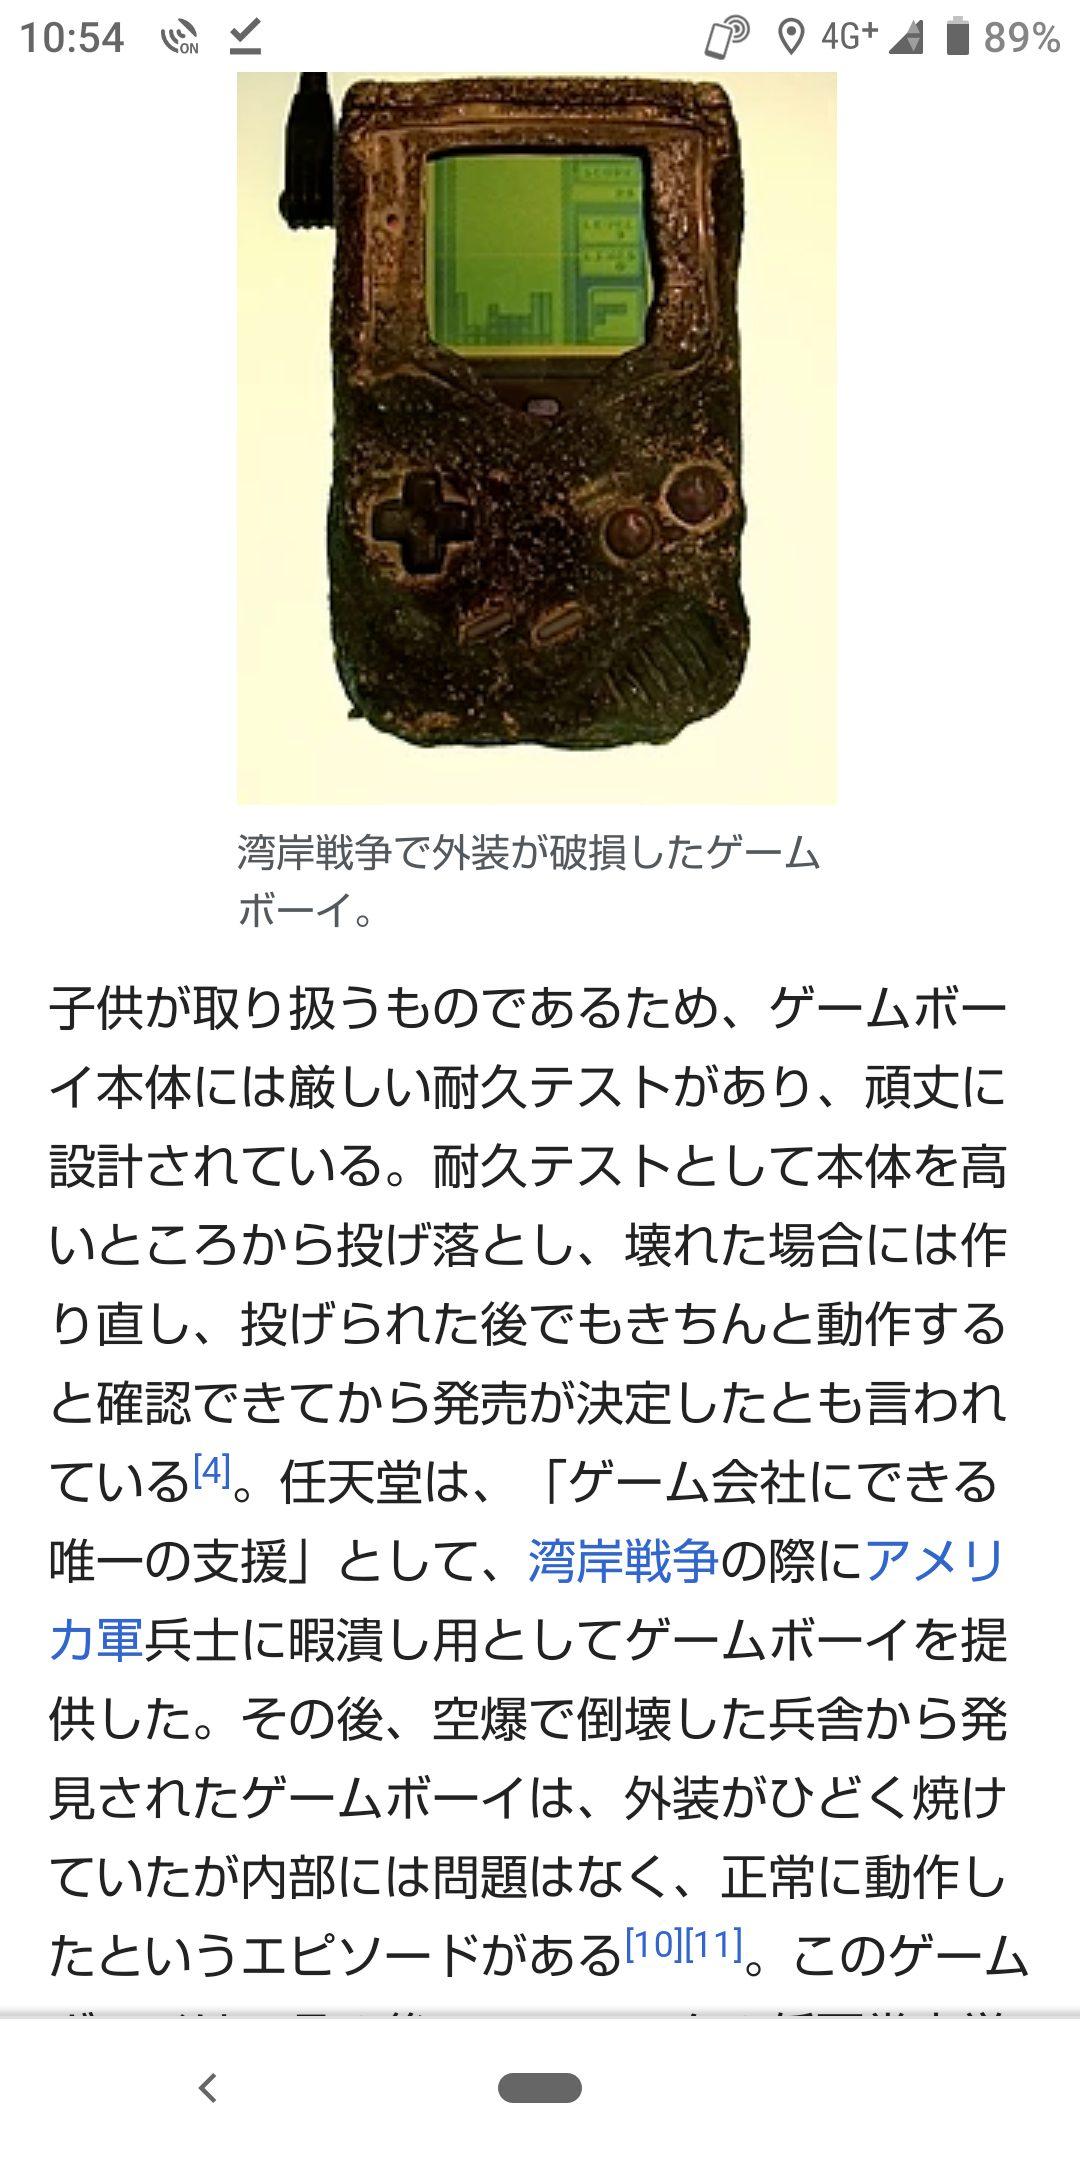 CjXkY5f - 【速報】ゲームボーイ本日発売 12,500円(税込)